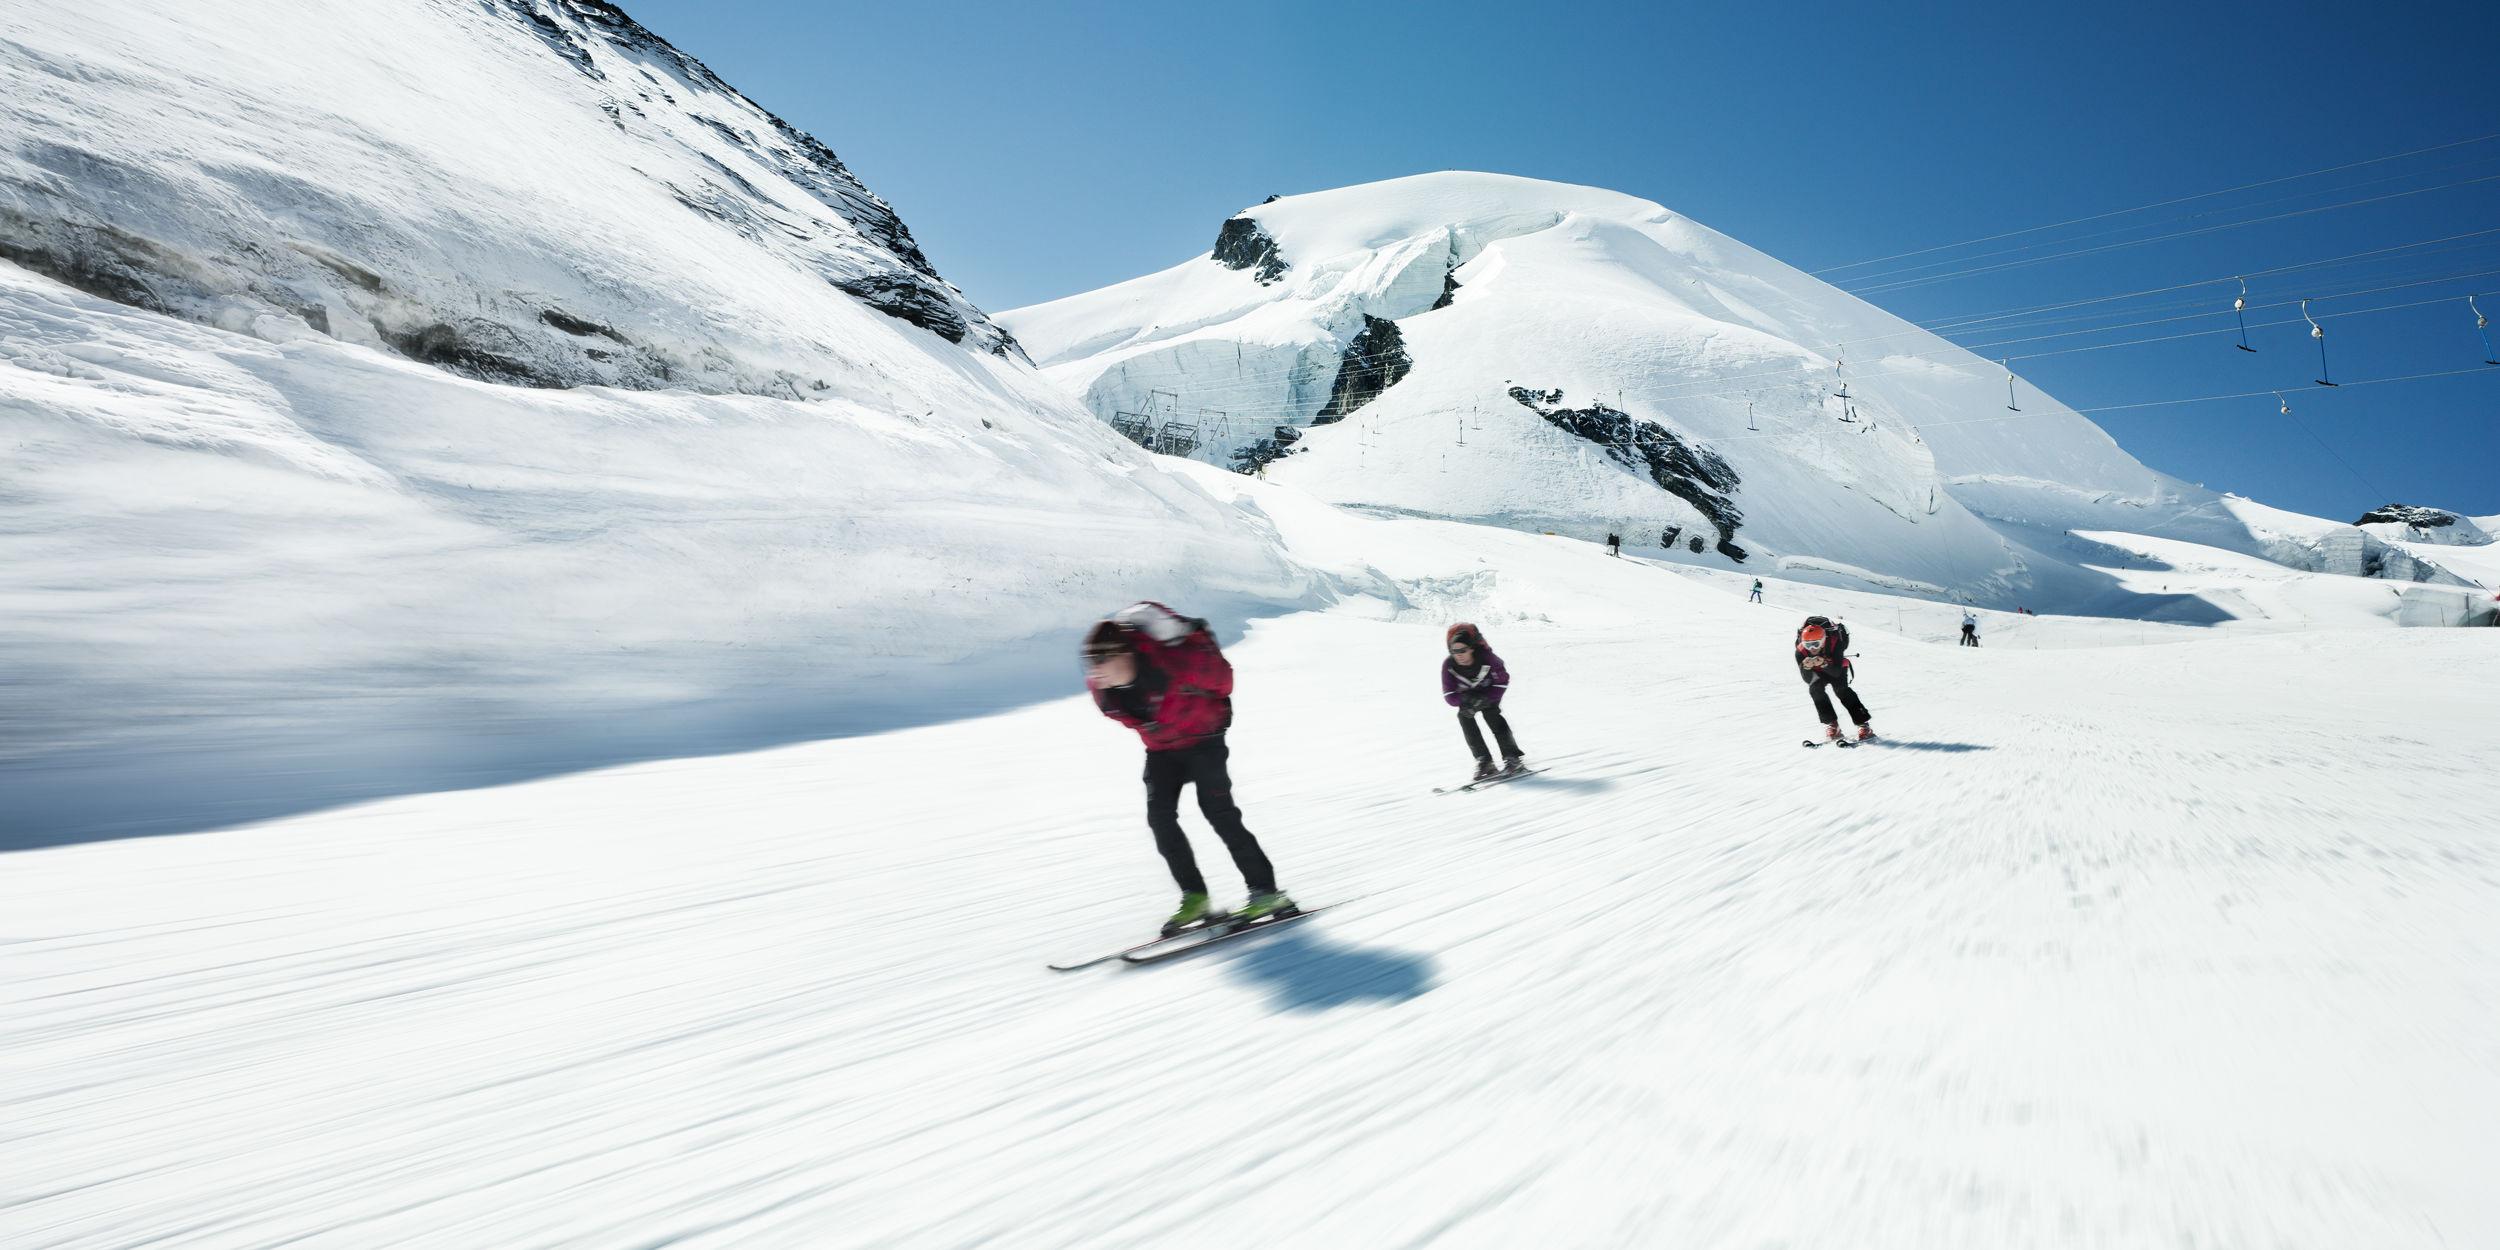 Skiing in summer Saas-Fee